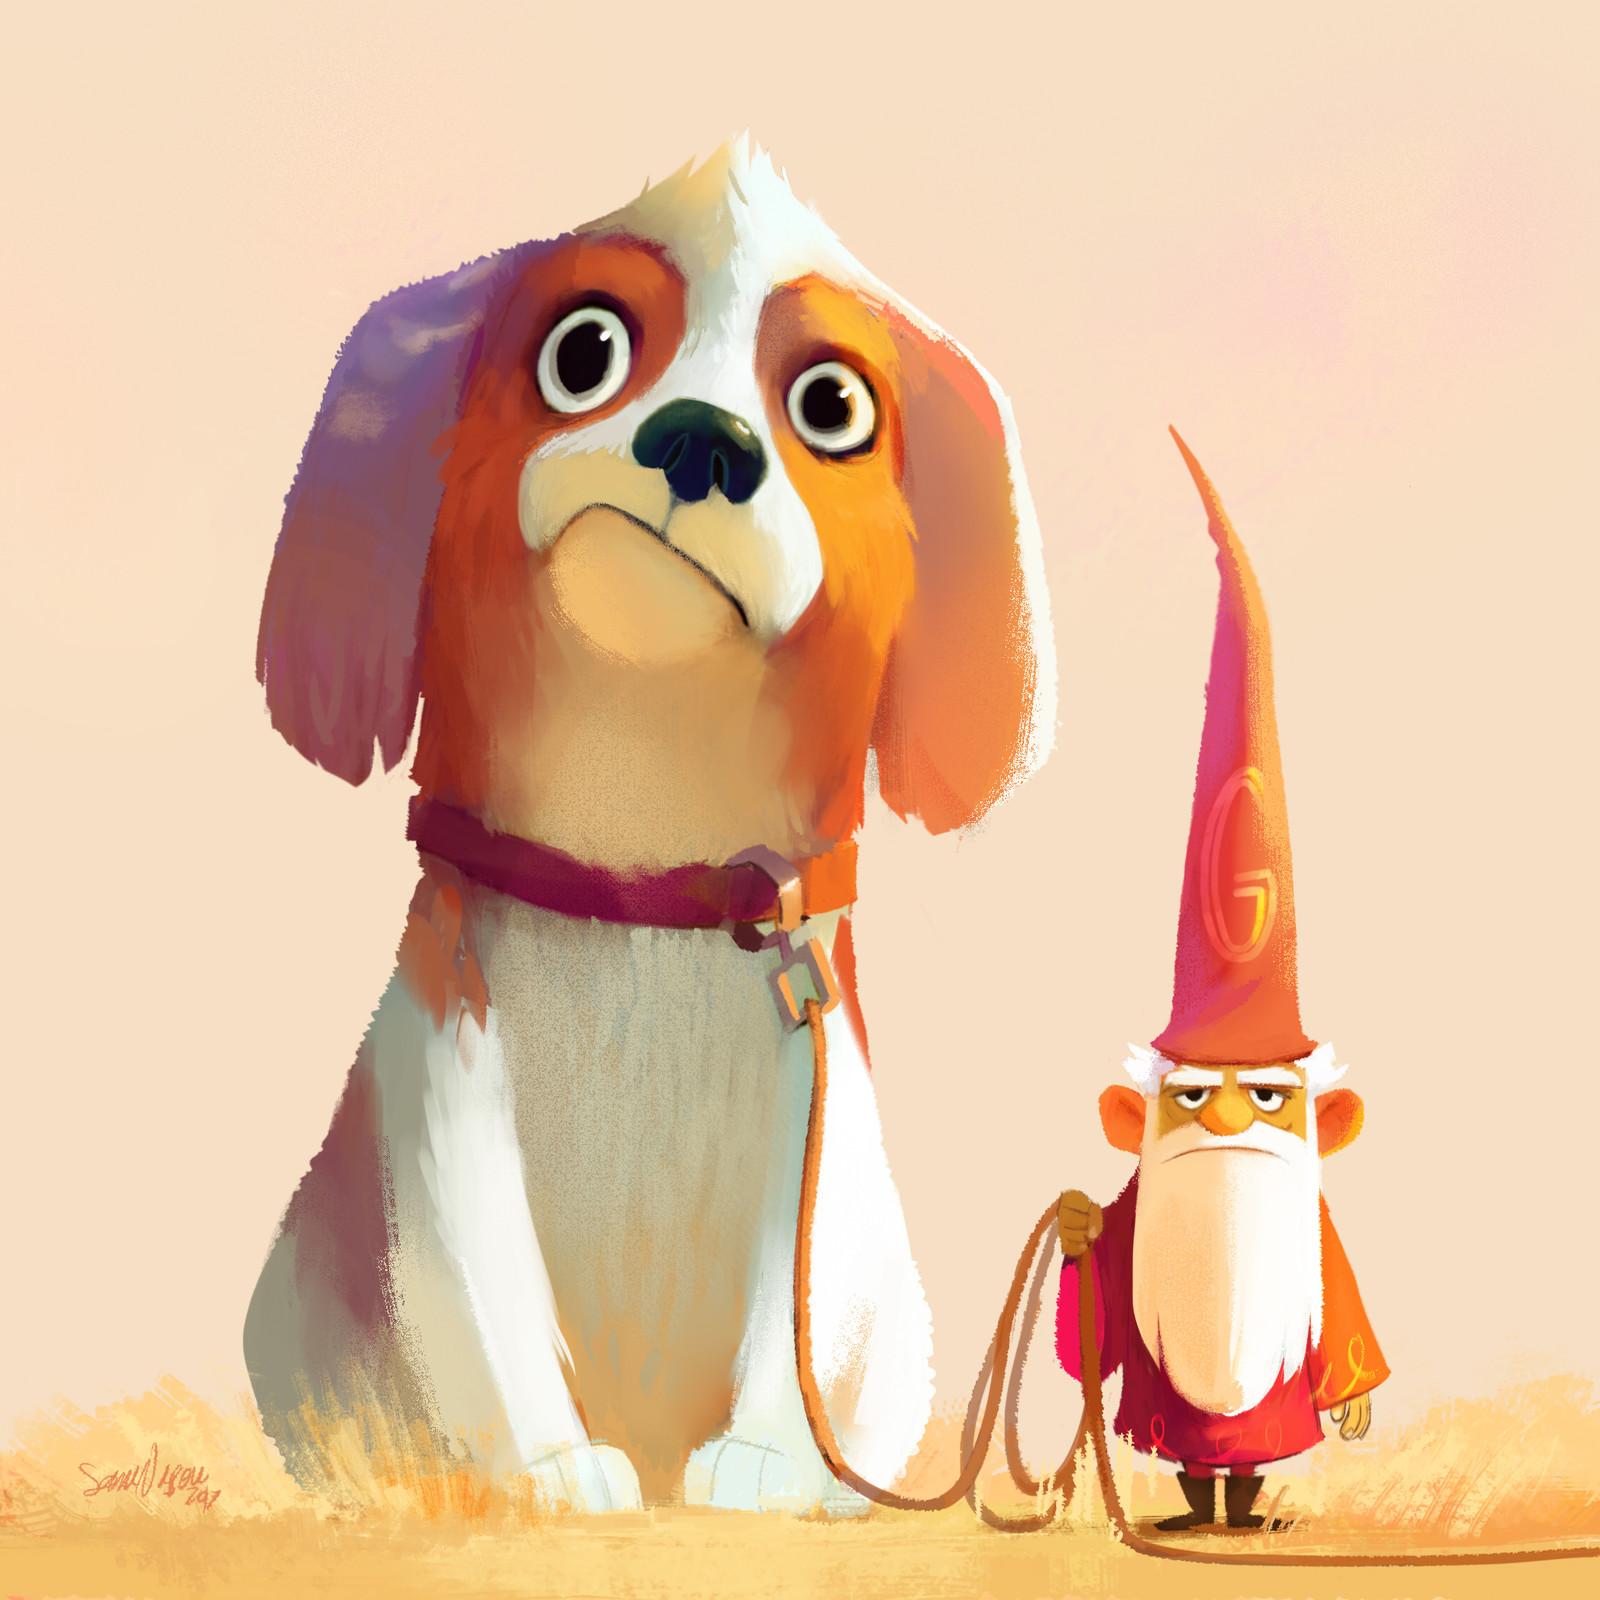 Dognome